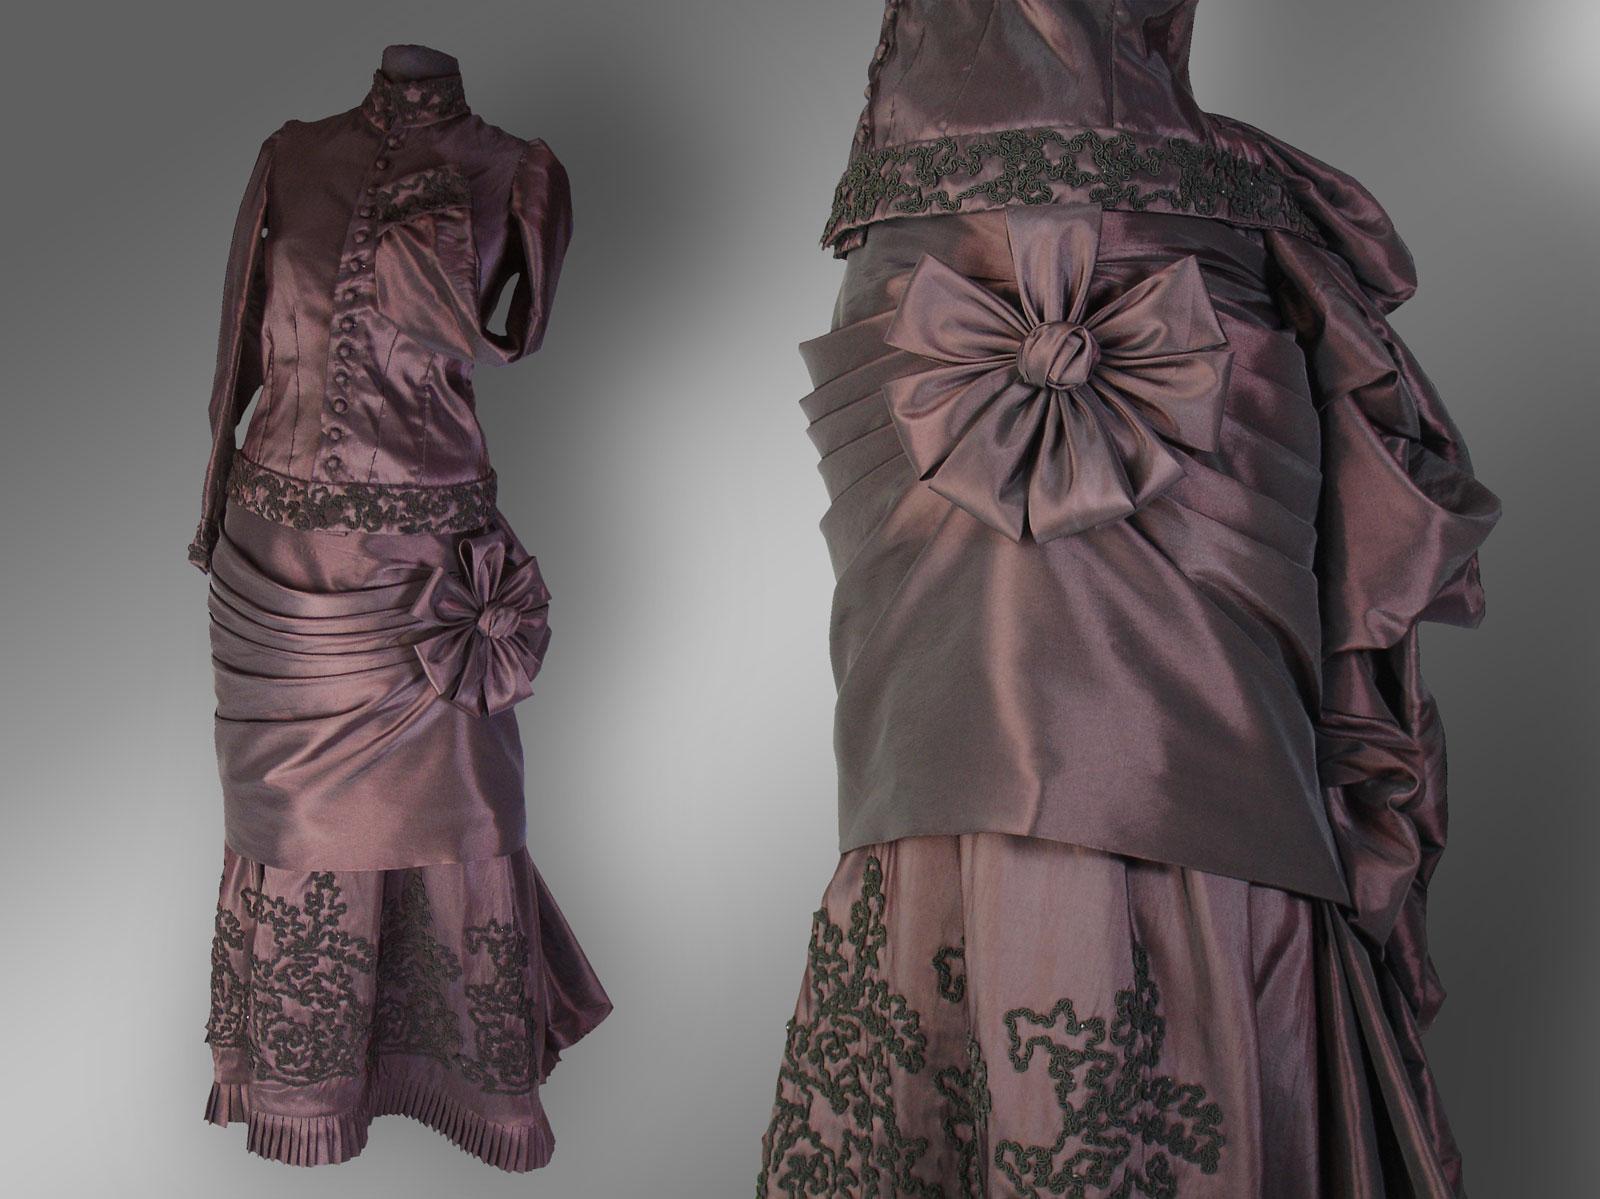 HistorischeSchneiderei   Über Modegeschichte, historische Bekleidung ...